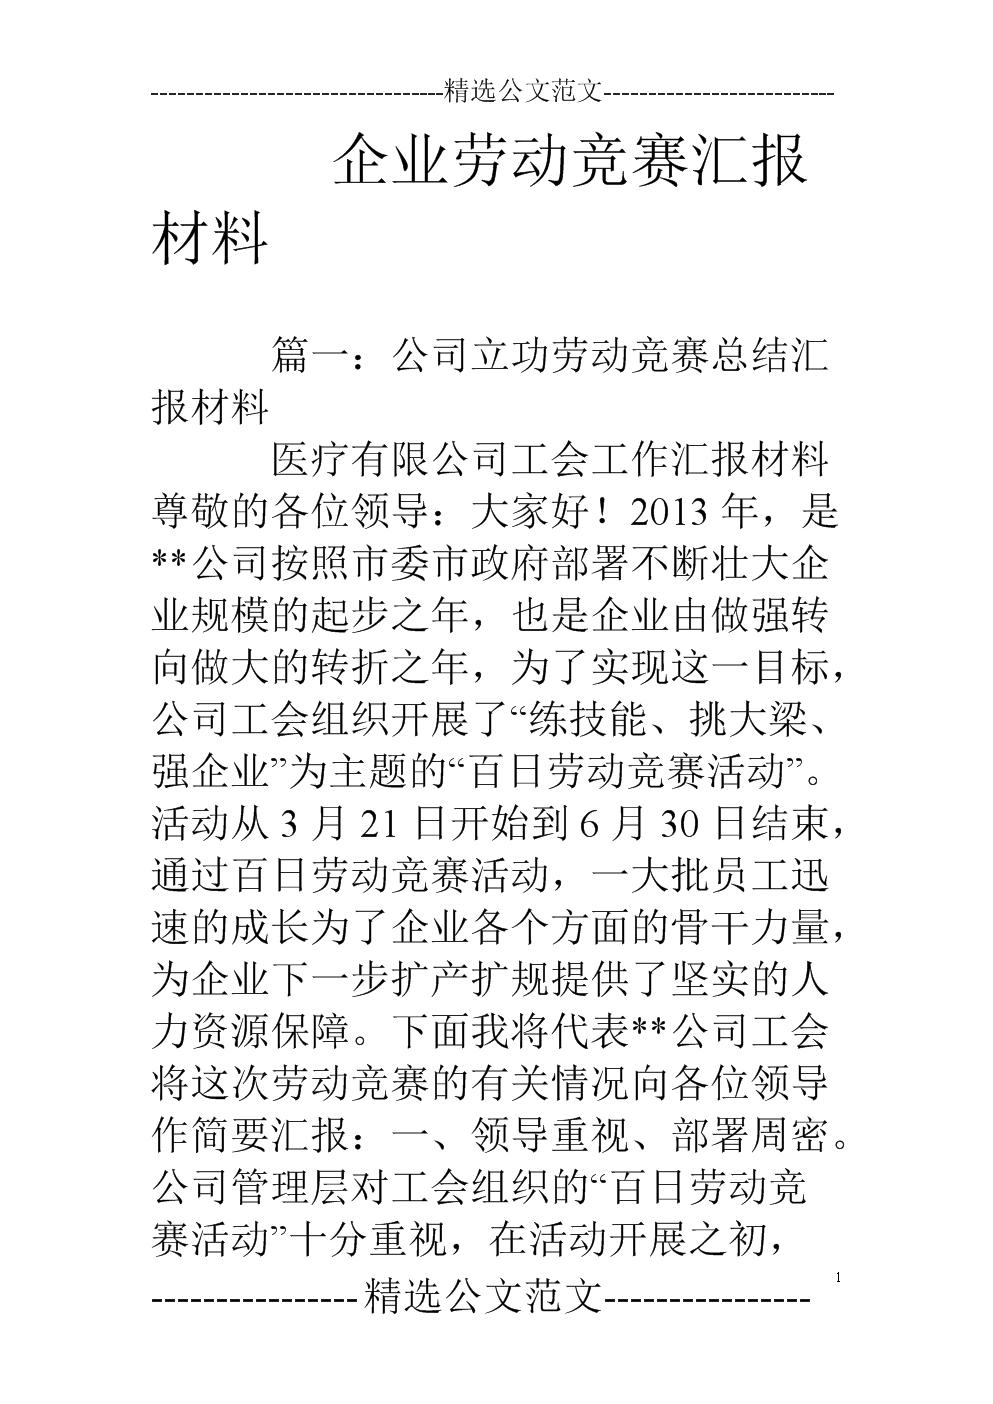 企业劳动竞赛汇报材料.doc